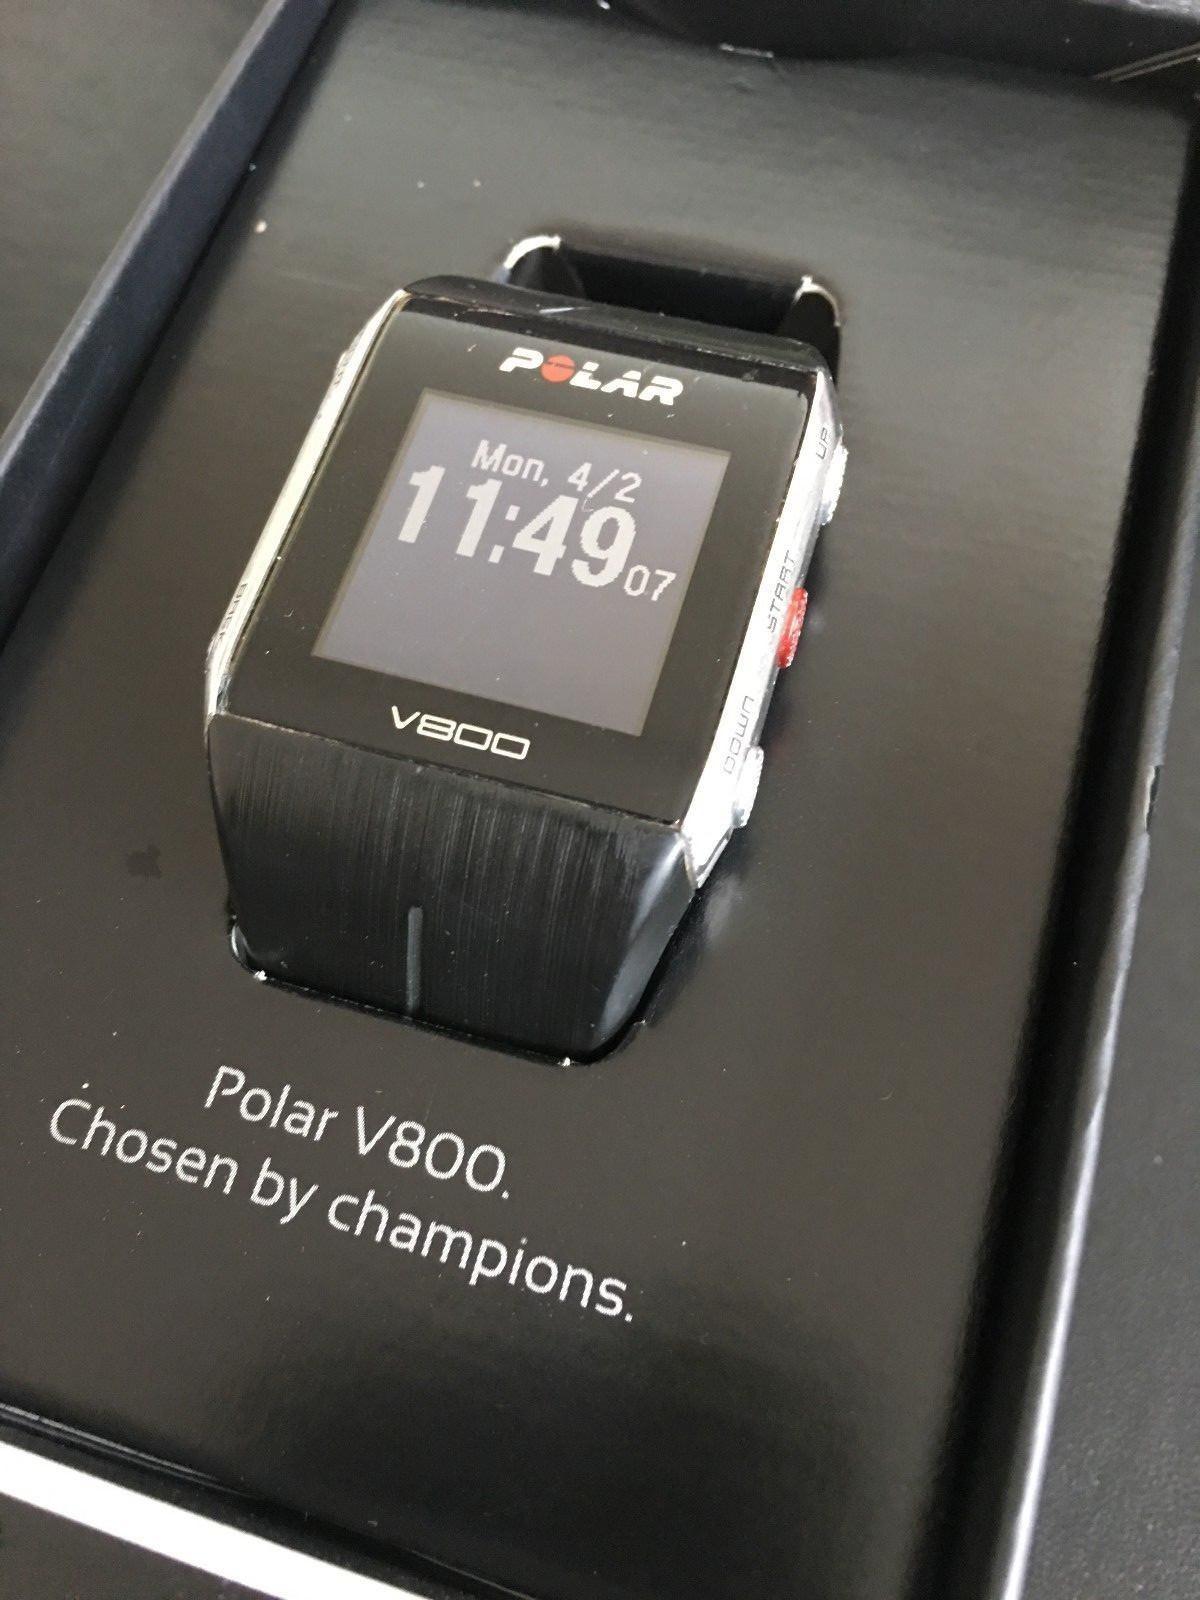 Polar Trainingsuhr V 800 Bluetooth mit Brustgurt, Ladekabel und kpl. Zubehör